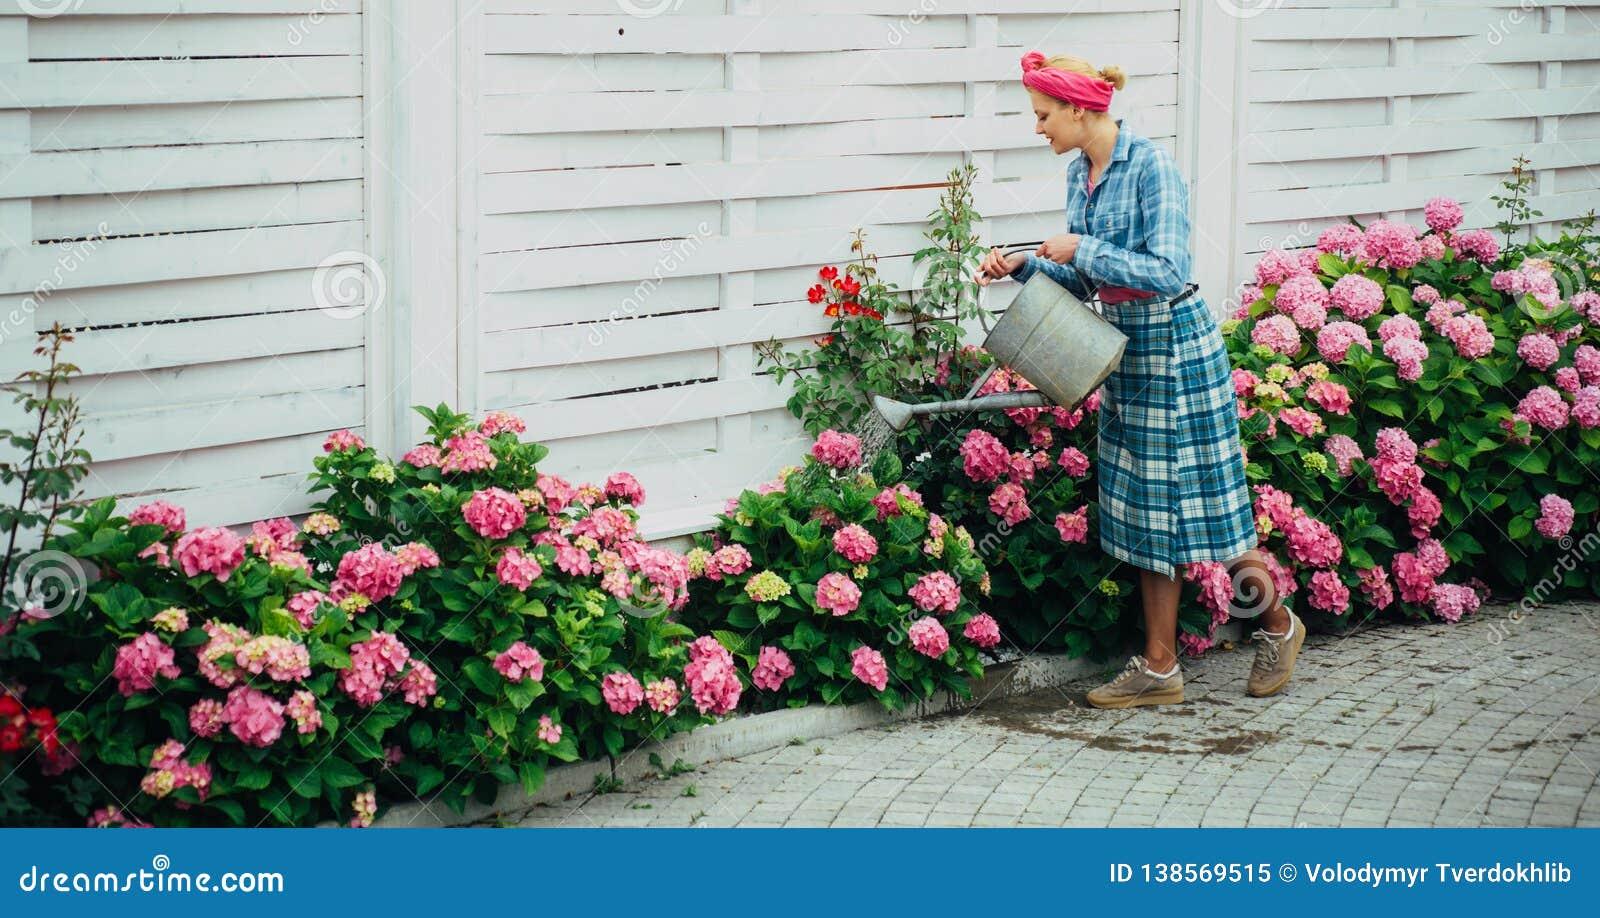 Szczęśliwa kobiety ogrodniczka z kwiatami Kwiatu podlewanie i opieka ziemie i użyźniacze Szklarniani kwiaty kobiety opieka